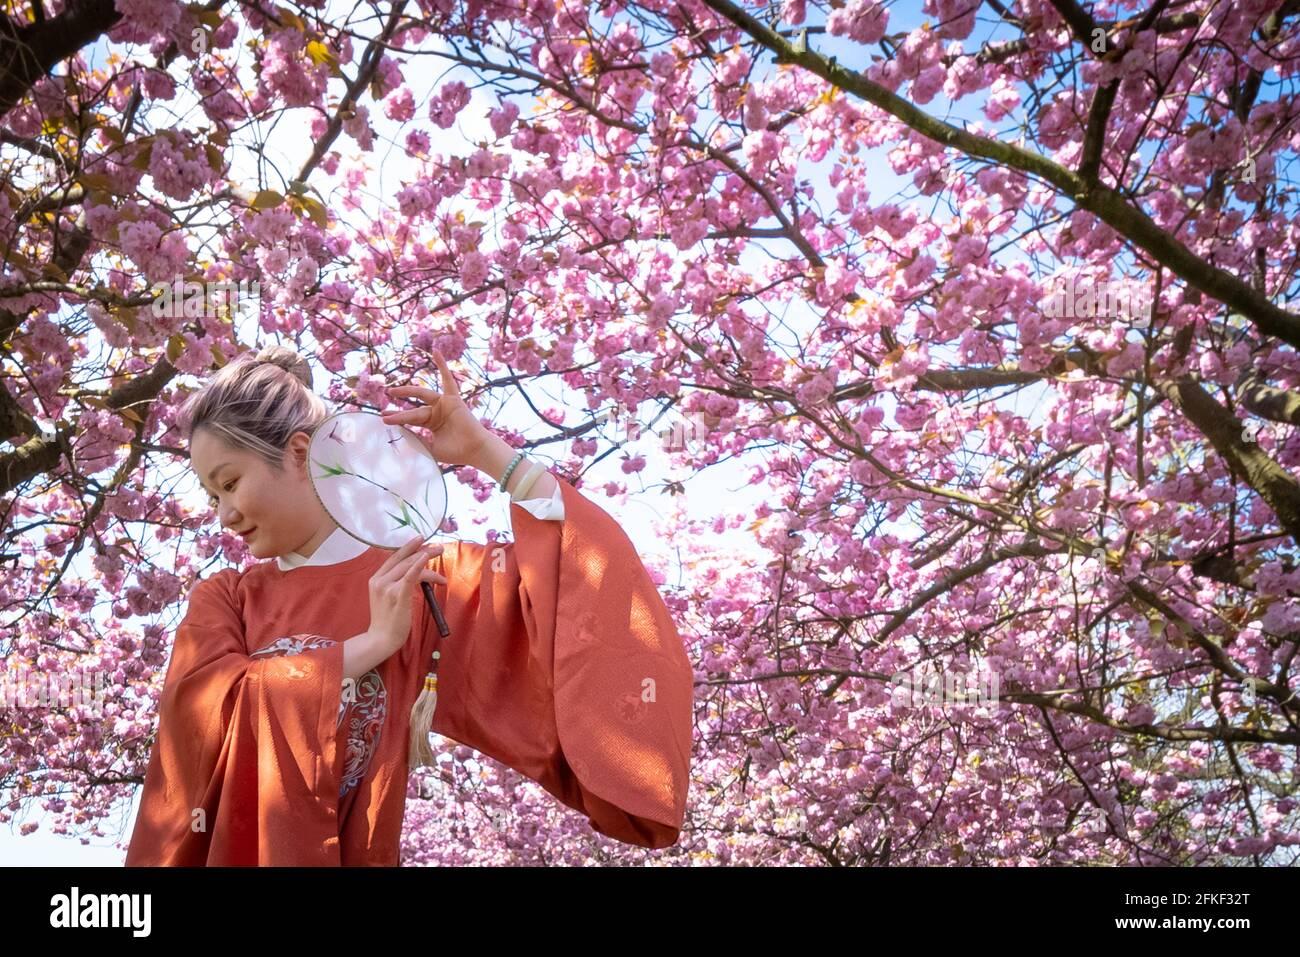 Londra, Regno Unito. 1 maggio 2021. Regno Unito Meteo: Il sole fiorisce nel Greenwich Park. Yuaner Xu, un maestro allievo di gridanza presso la London Contemporary Dance School (LCDS), gode del sole delle vacanze in riva al mare colpendo una posa vicino ai vivaci alberi di fiori di ciliegio nel Greenwich Park. Credit: Guy Corbishley/Alamy Live News Foto Stock